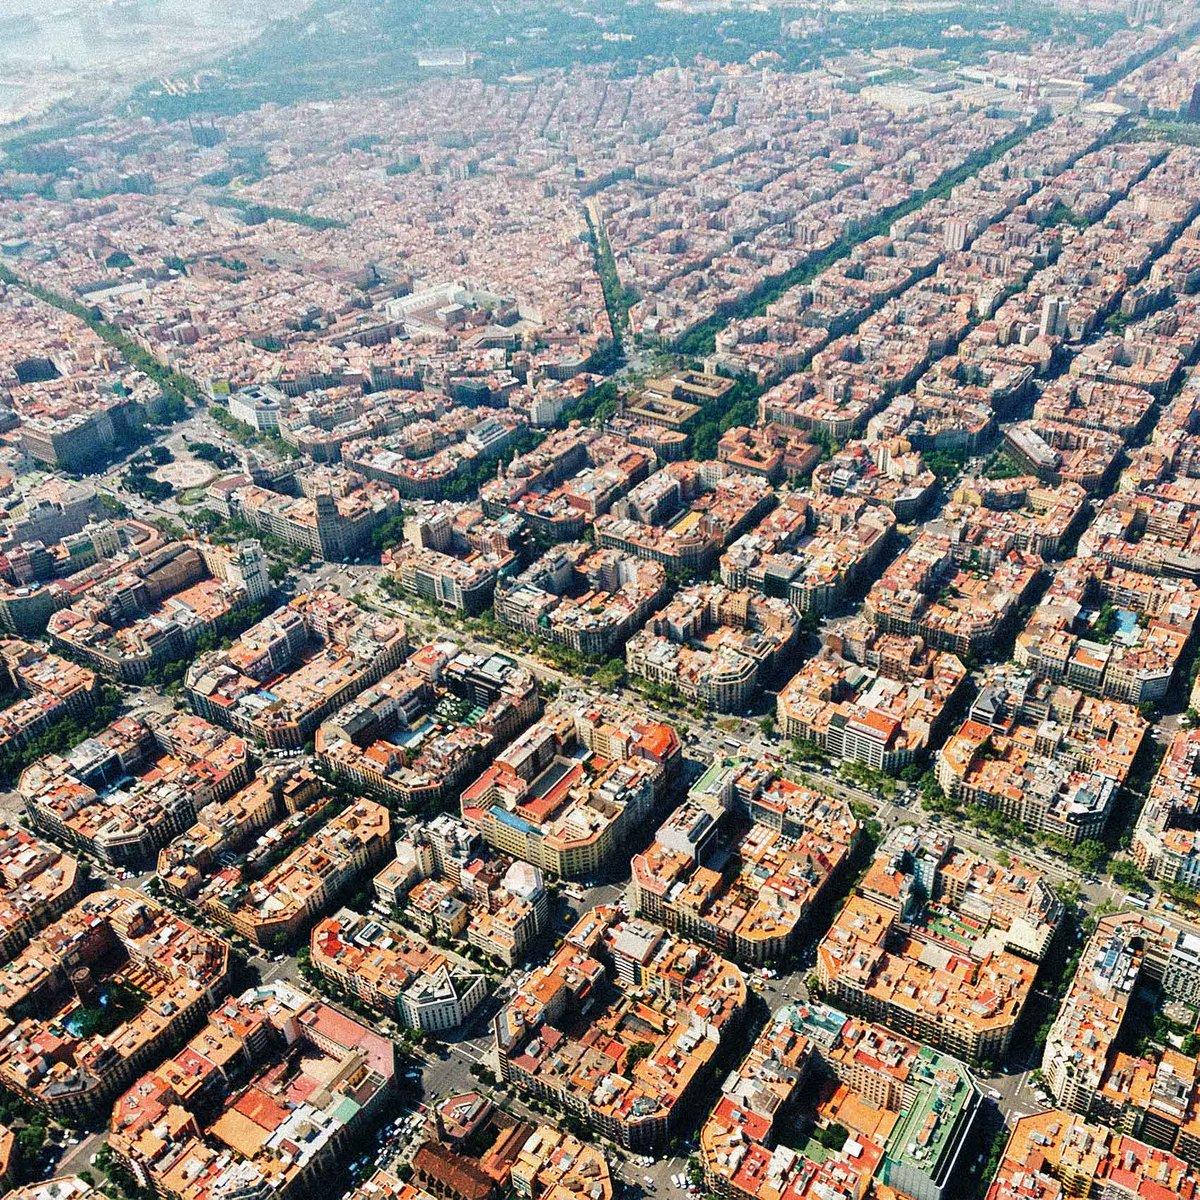 #Barcelona from above. http://t.co/TJK4DRJfXT